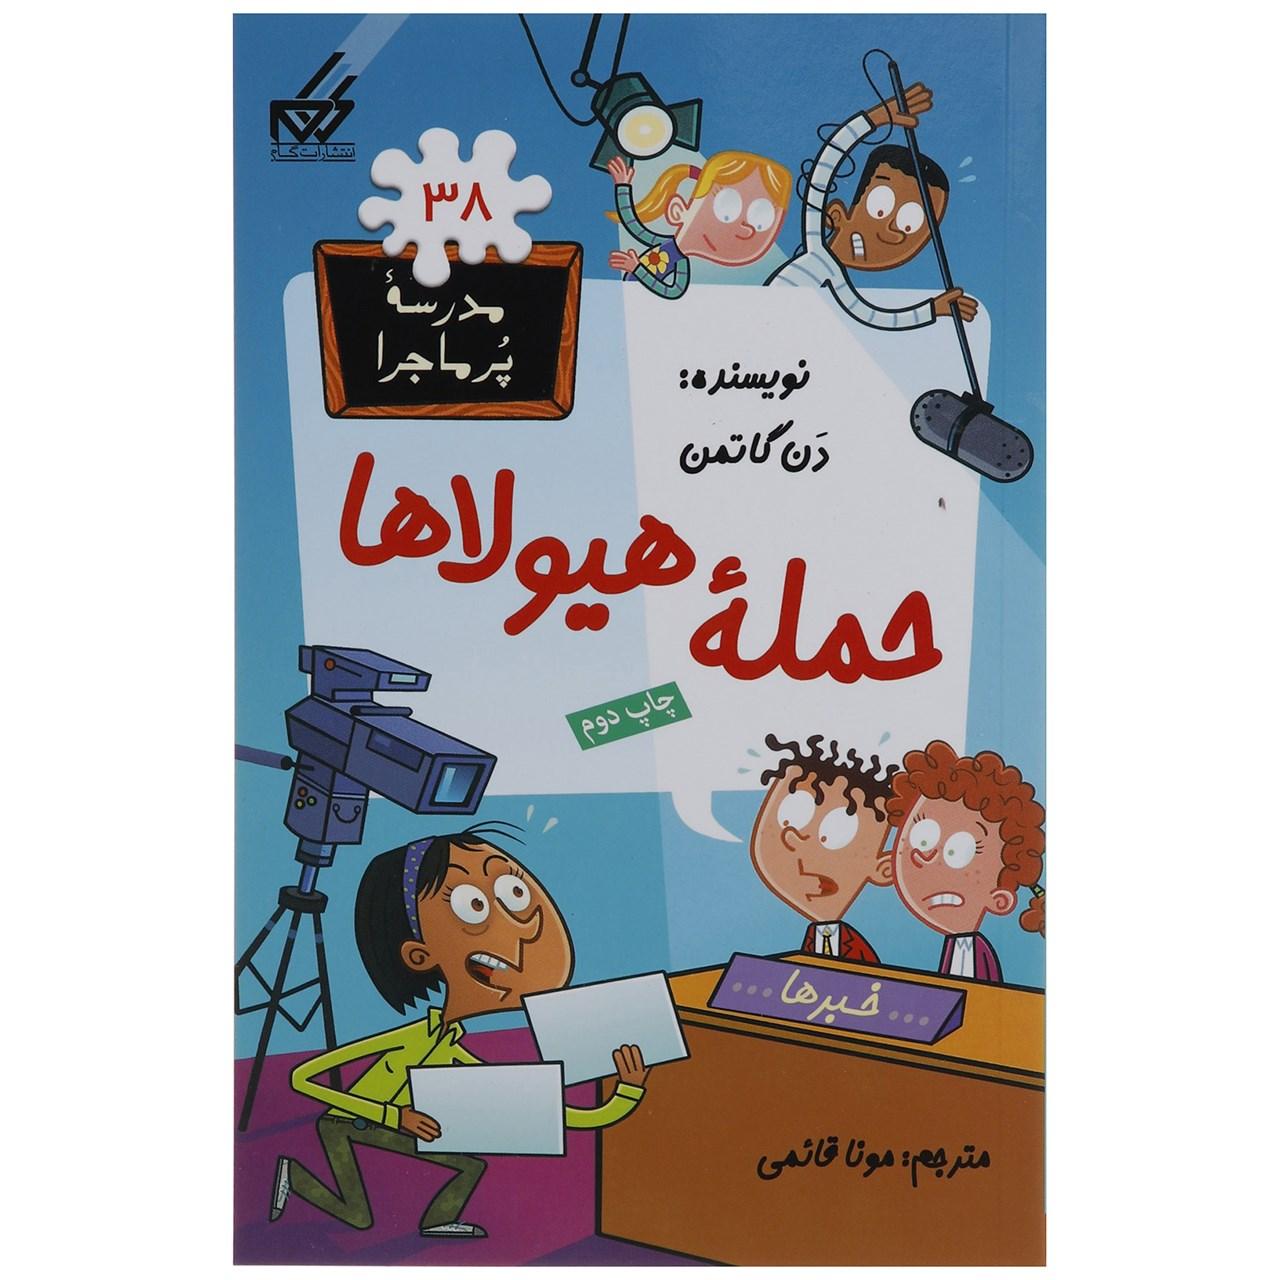 خرید                      کتاب مدرسه پرماجرا  38 حمله هیولاها اثر دن گاتمن